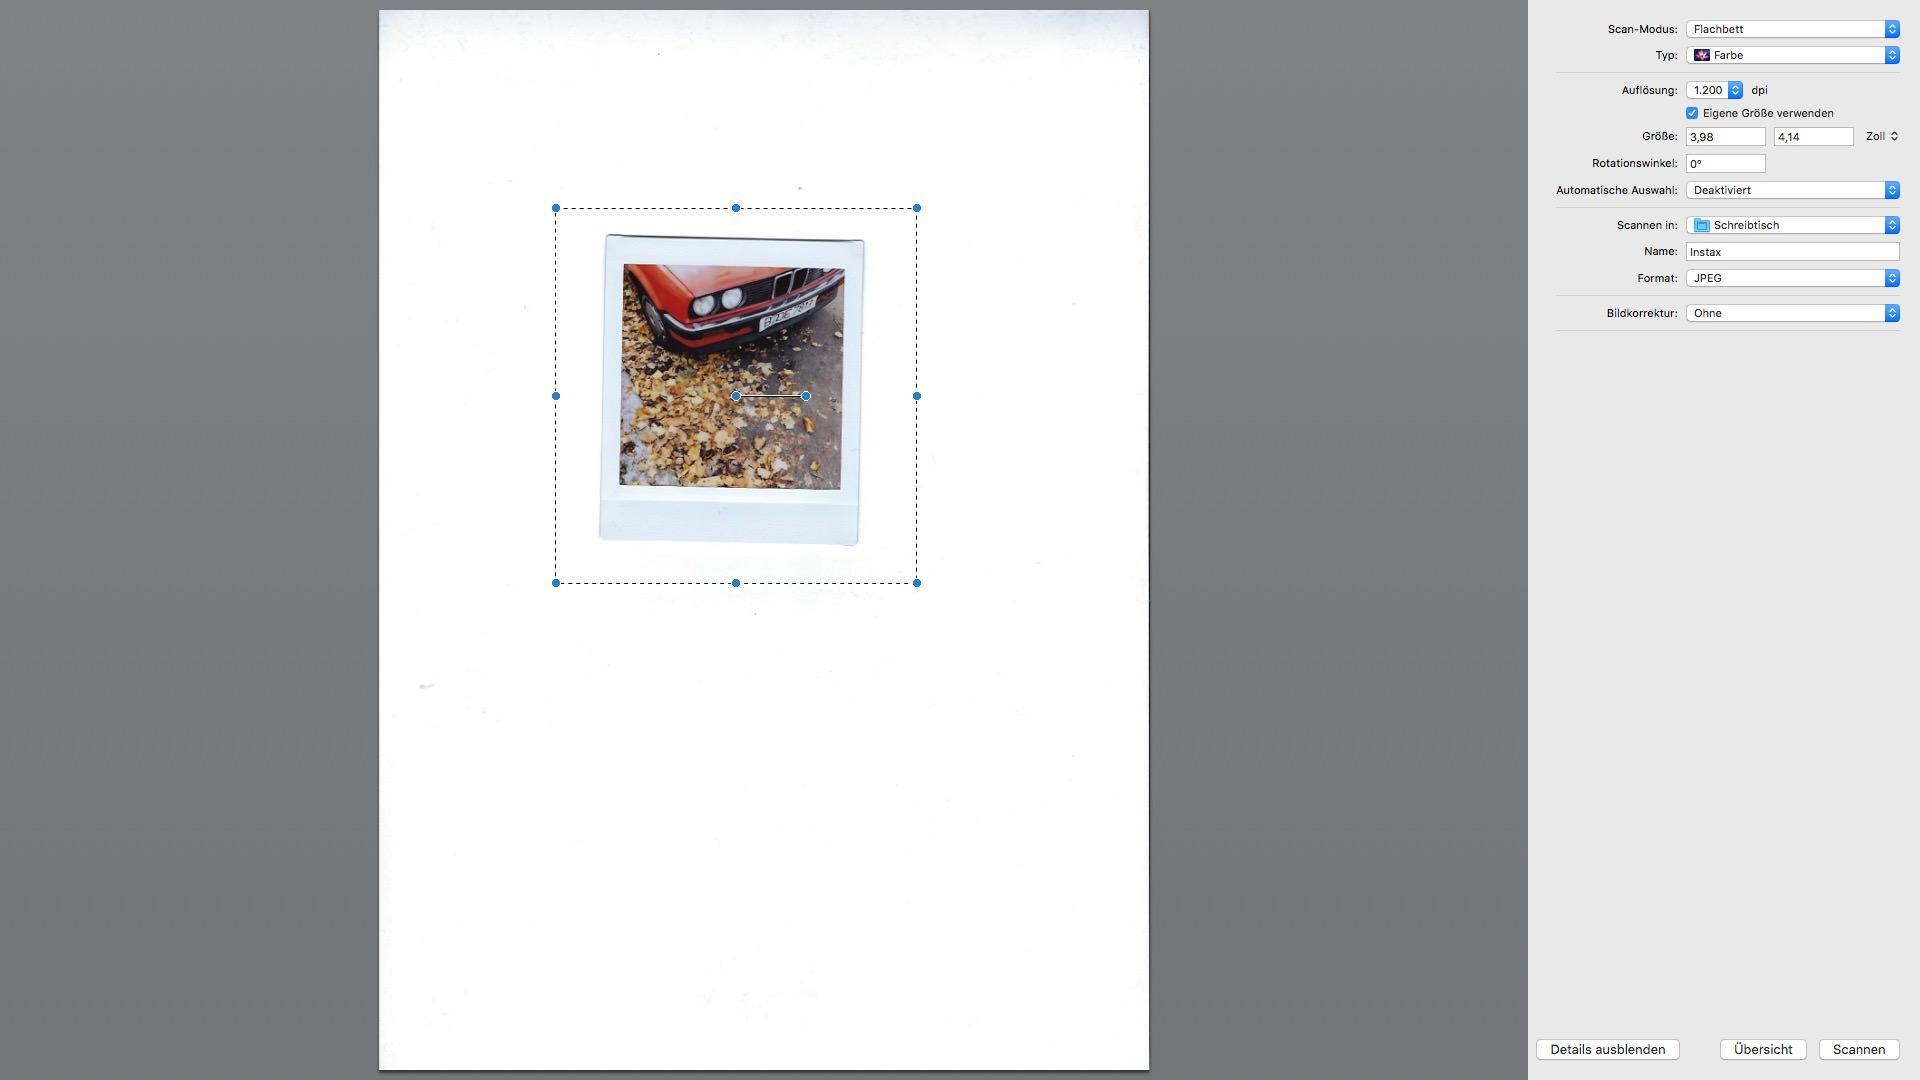 Ziemlich Langer Rahmen Polaroid Ideen - Benutzerdefinierte ...